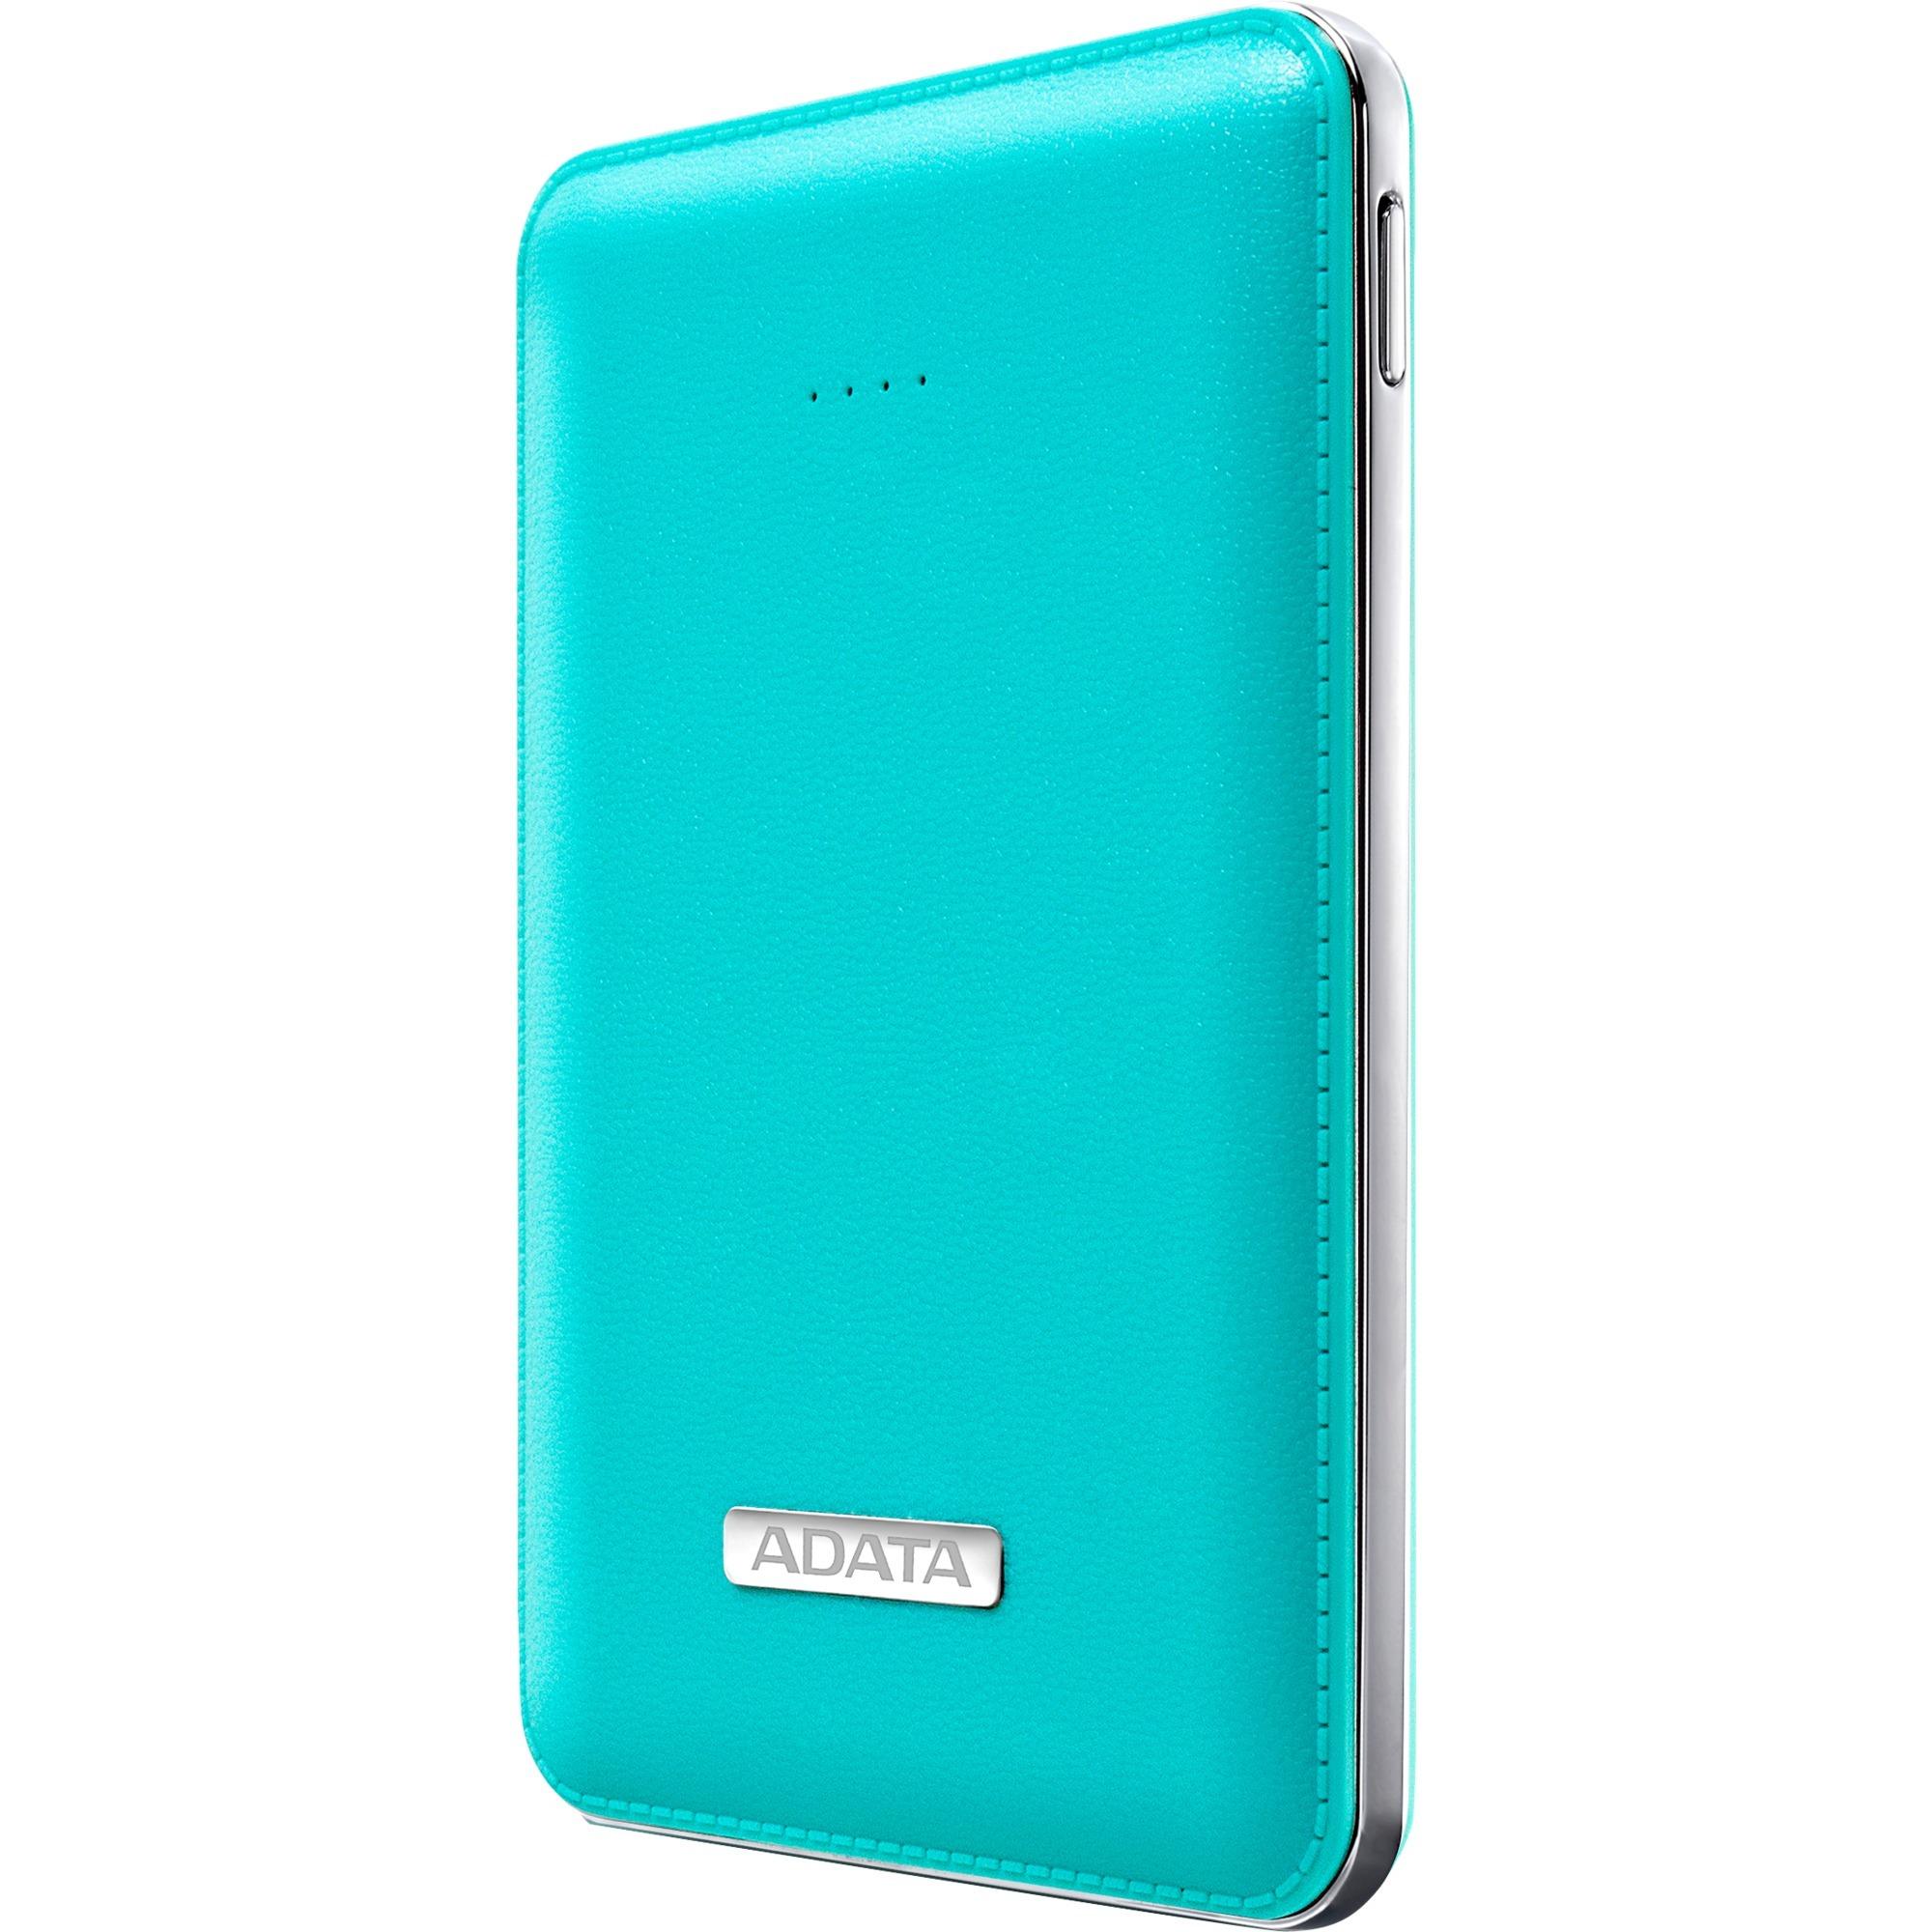 PV120 Lithium Polymer (LiPo) 5100mAh Blå oplader til genopladelig batteri, Power Bank